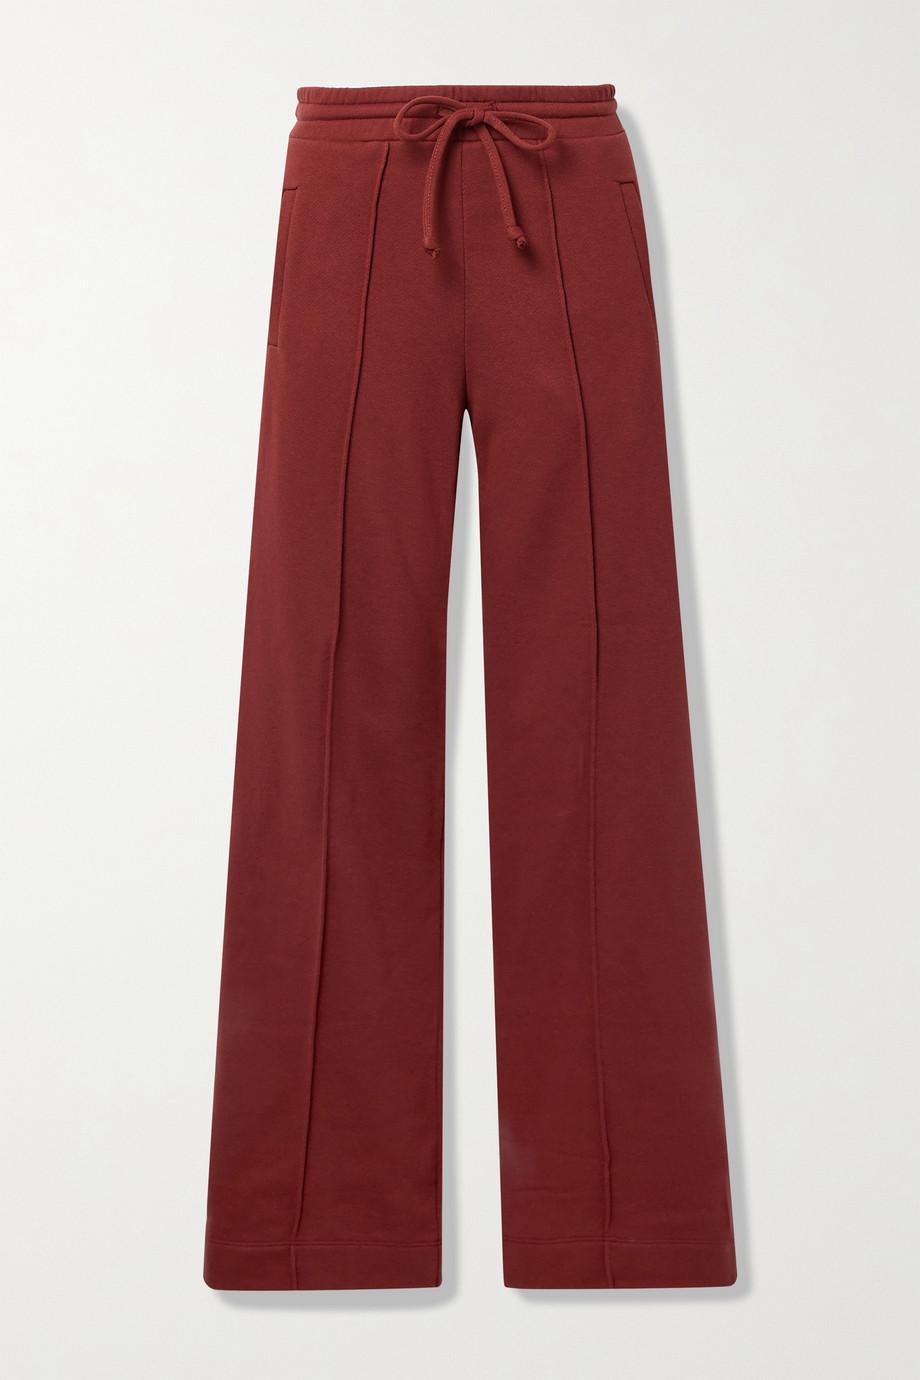 TWENTY Montréal Sunnyside cotton-blend track pants